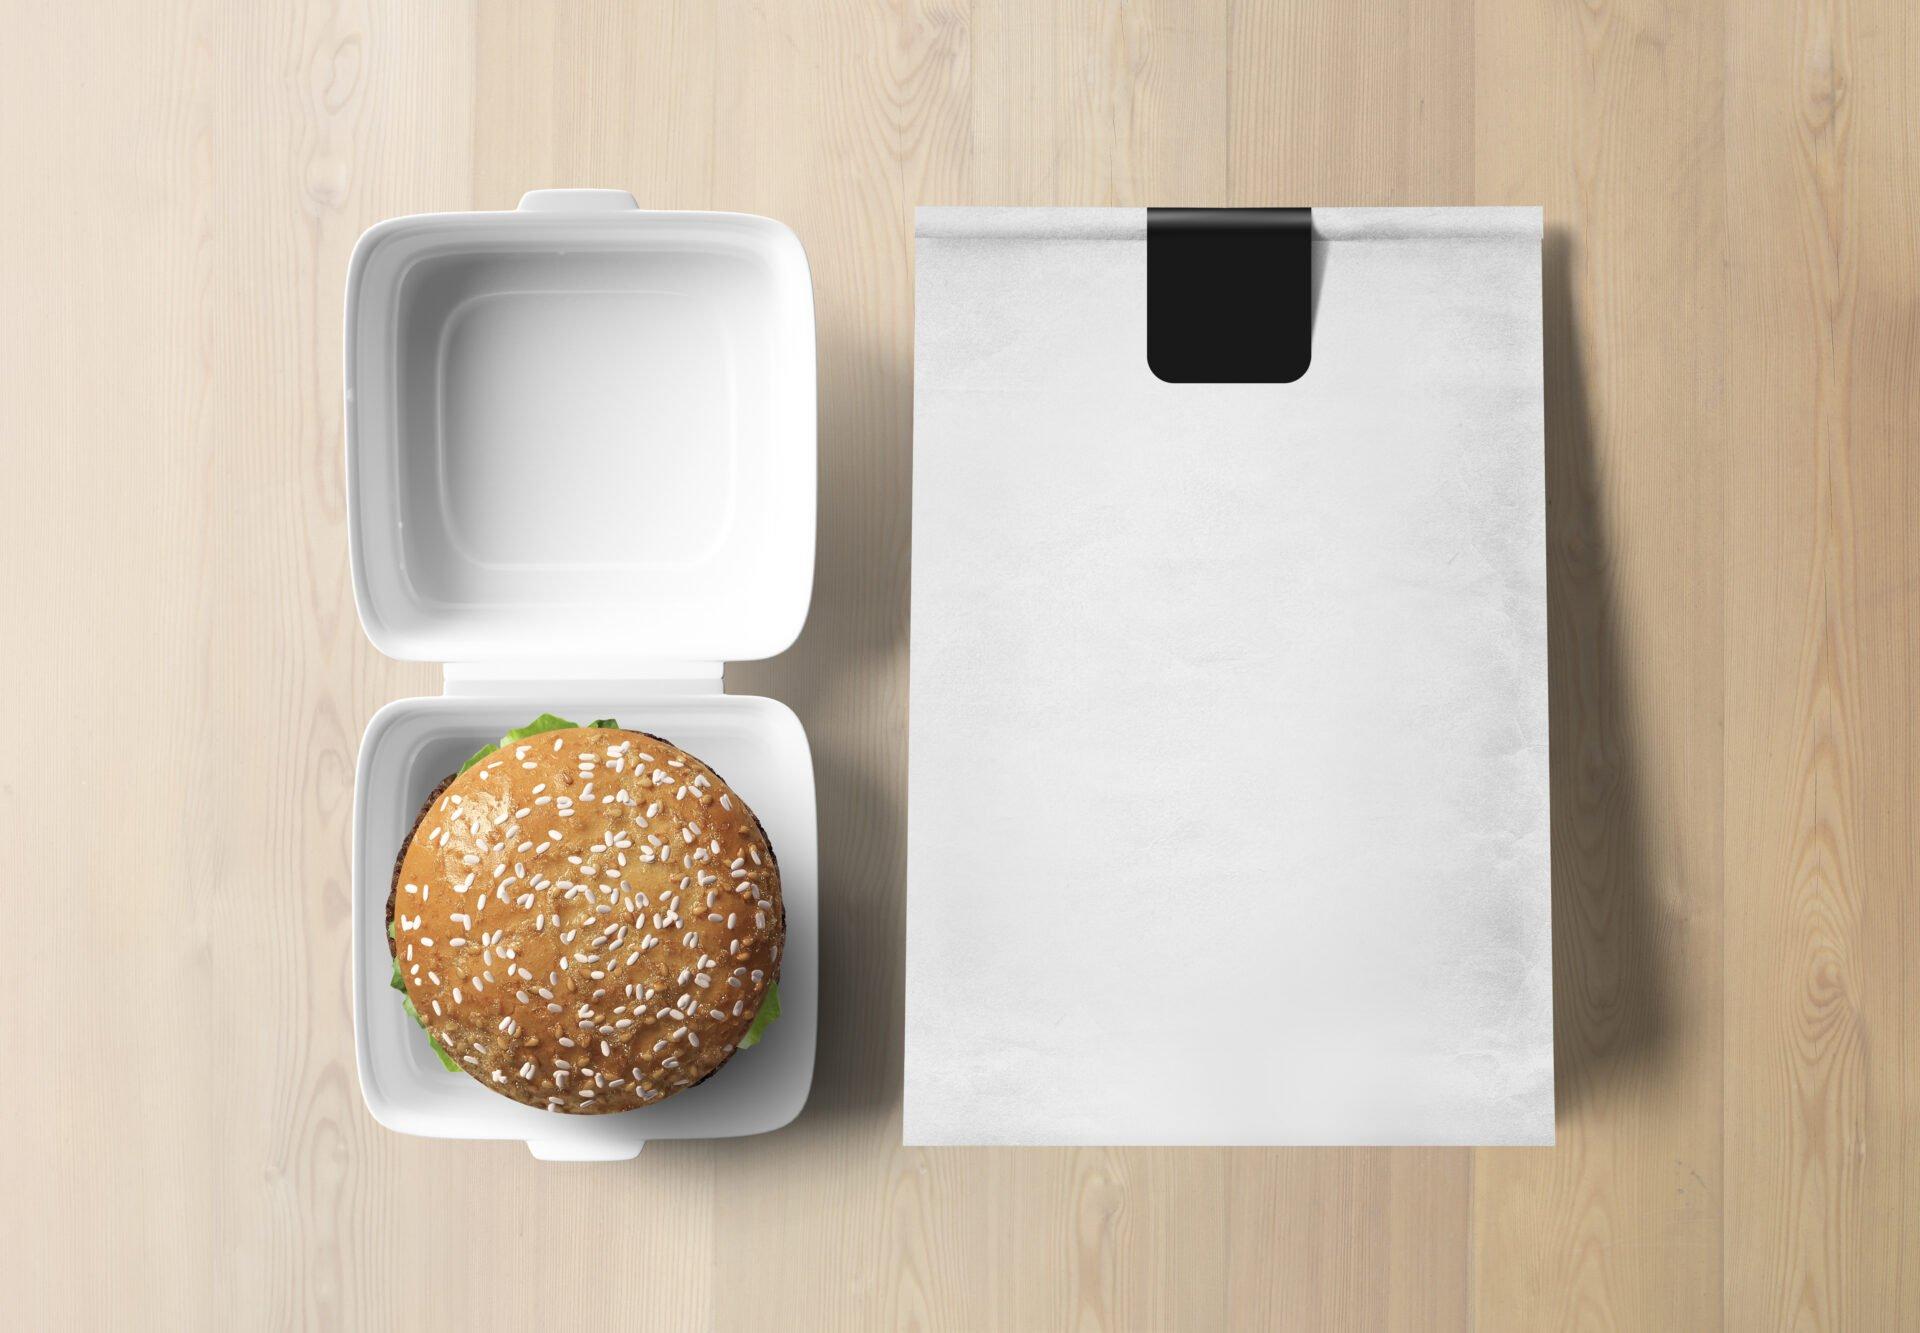 fast food burger packaging